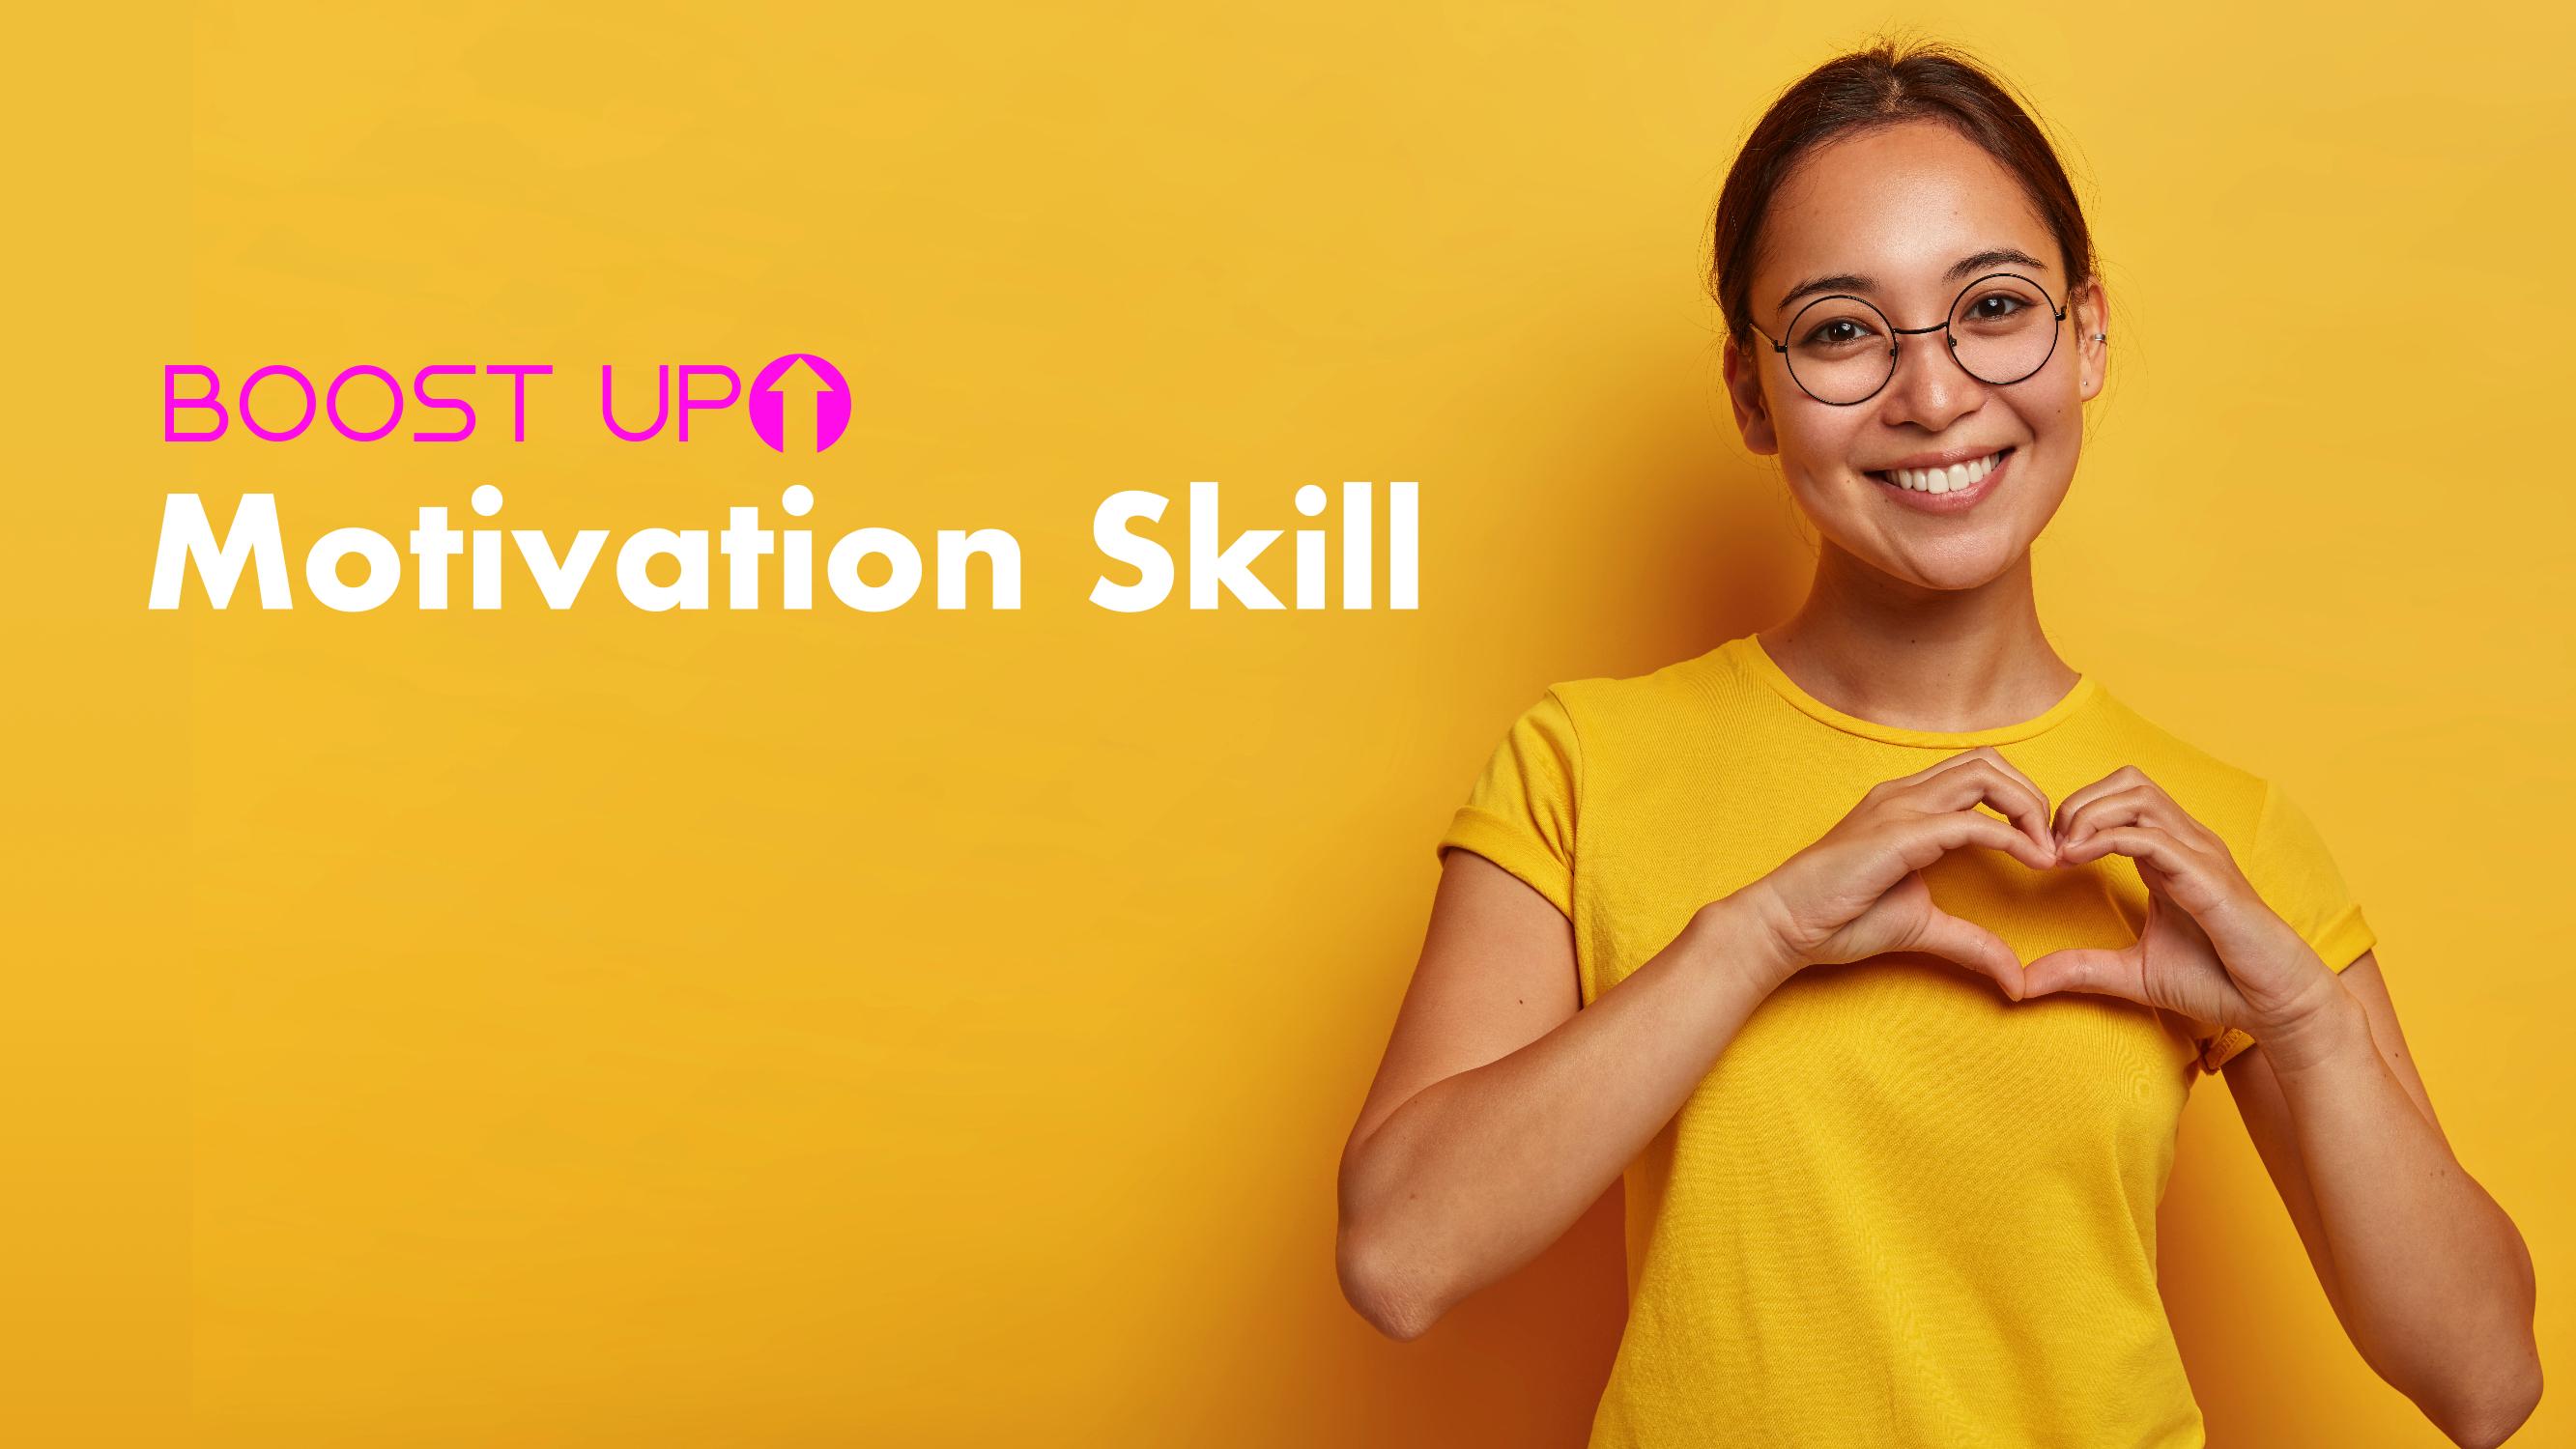 Boost Up Motivation Skill